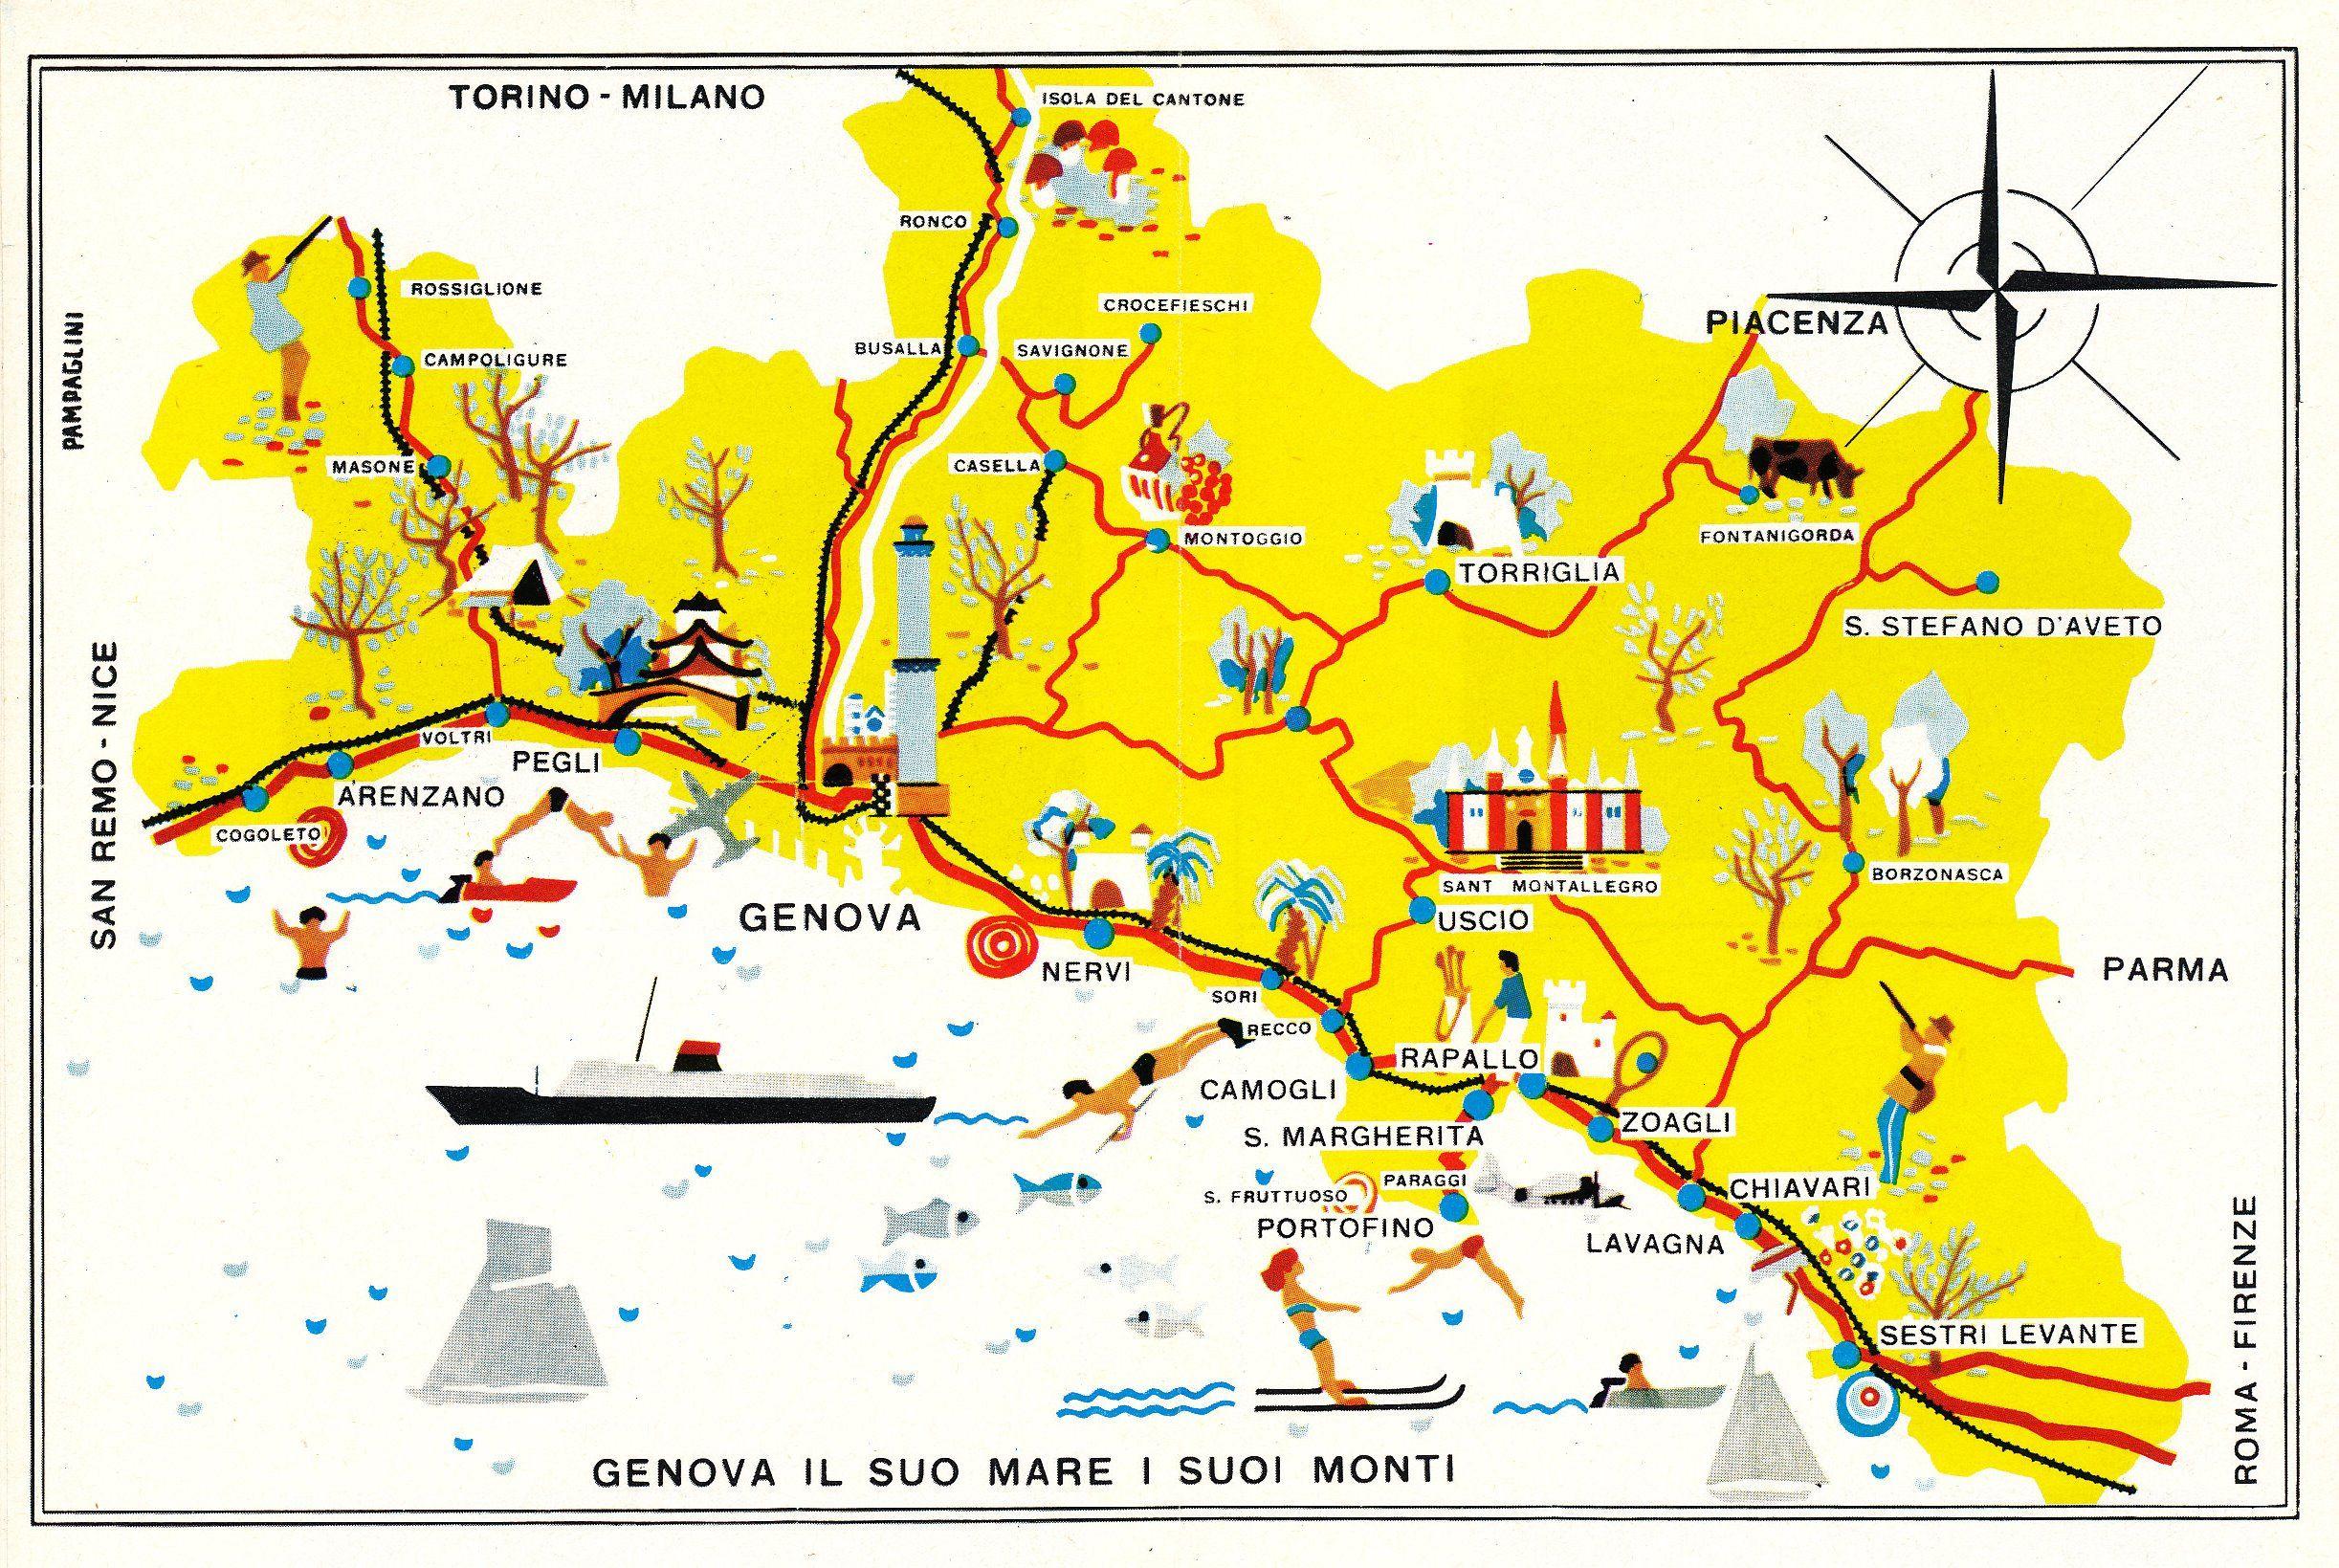 Cartina Turistica Liguria.Cartina Turistica All Interno Dell Opuscolo Genova Il Suo Mare I Suoi Monti Pampaglini 1959 Foto Storiche Buon Viaggio Prodotto Interno Lordo